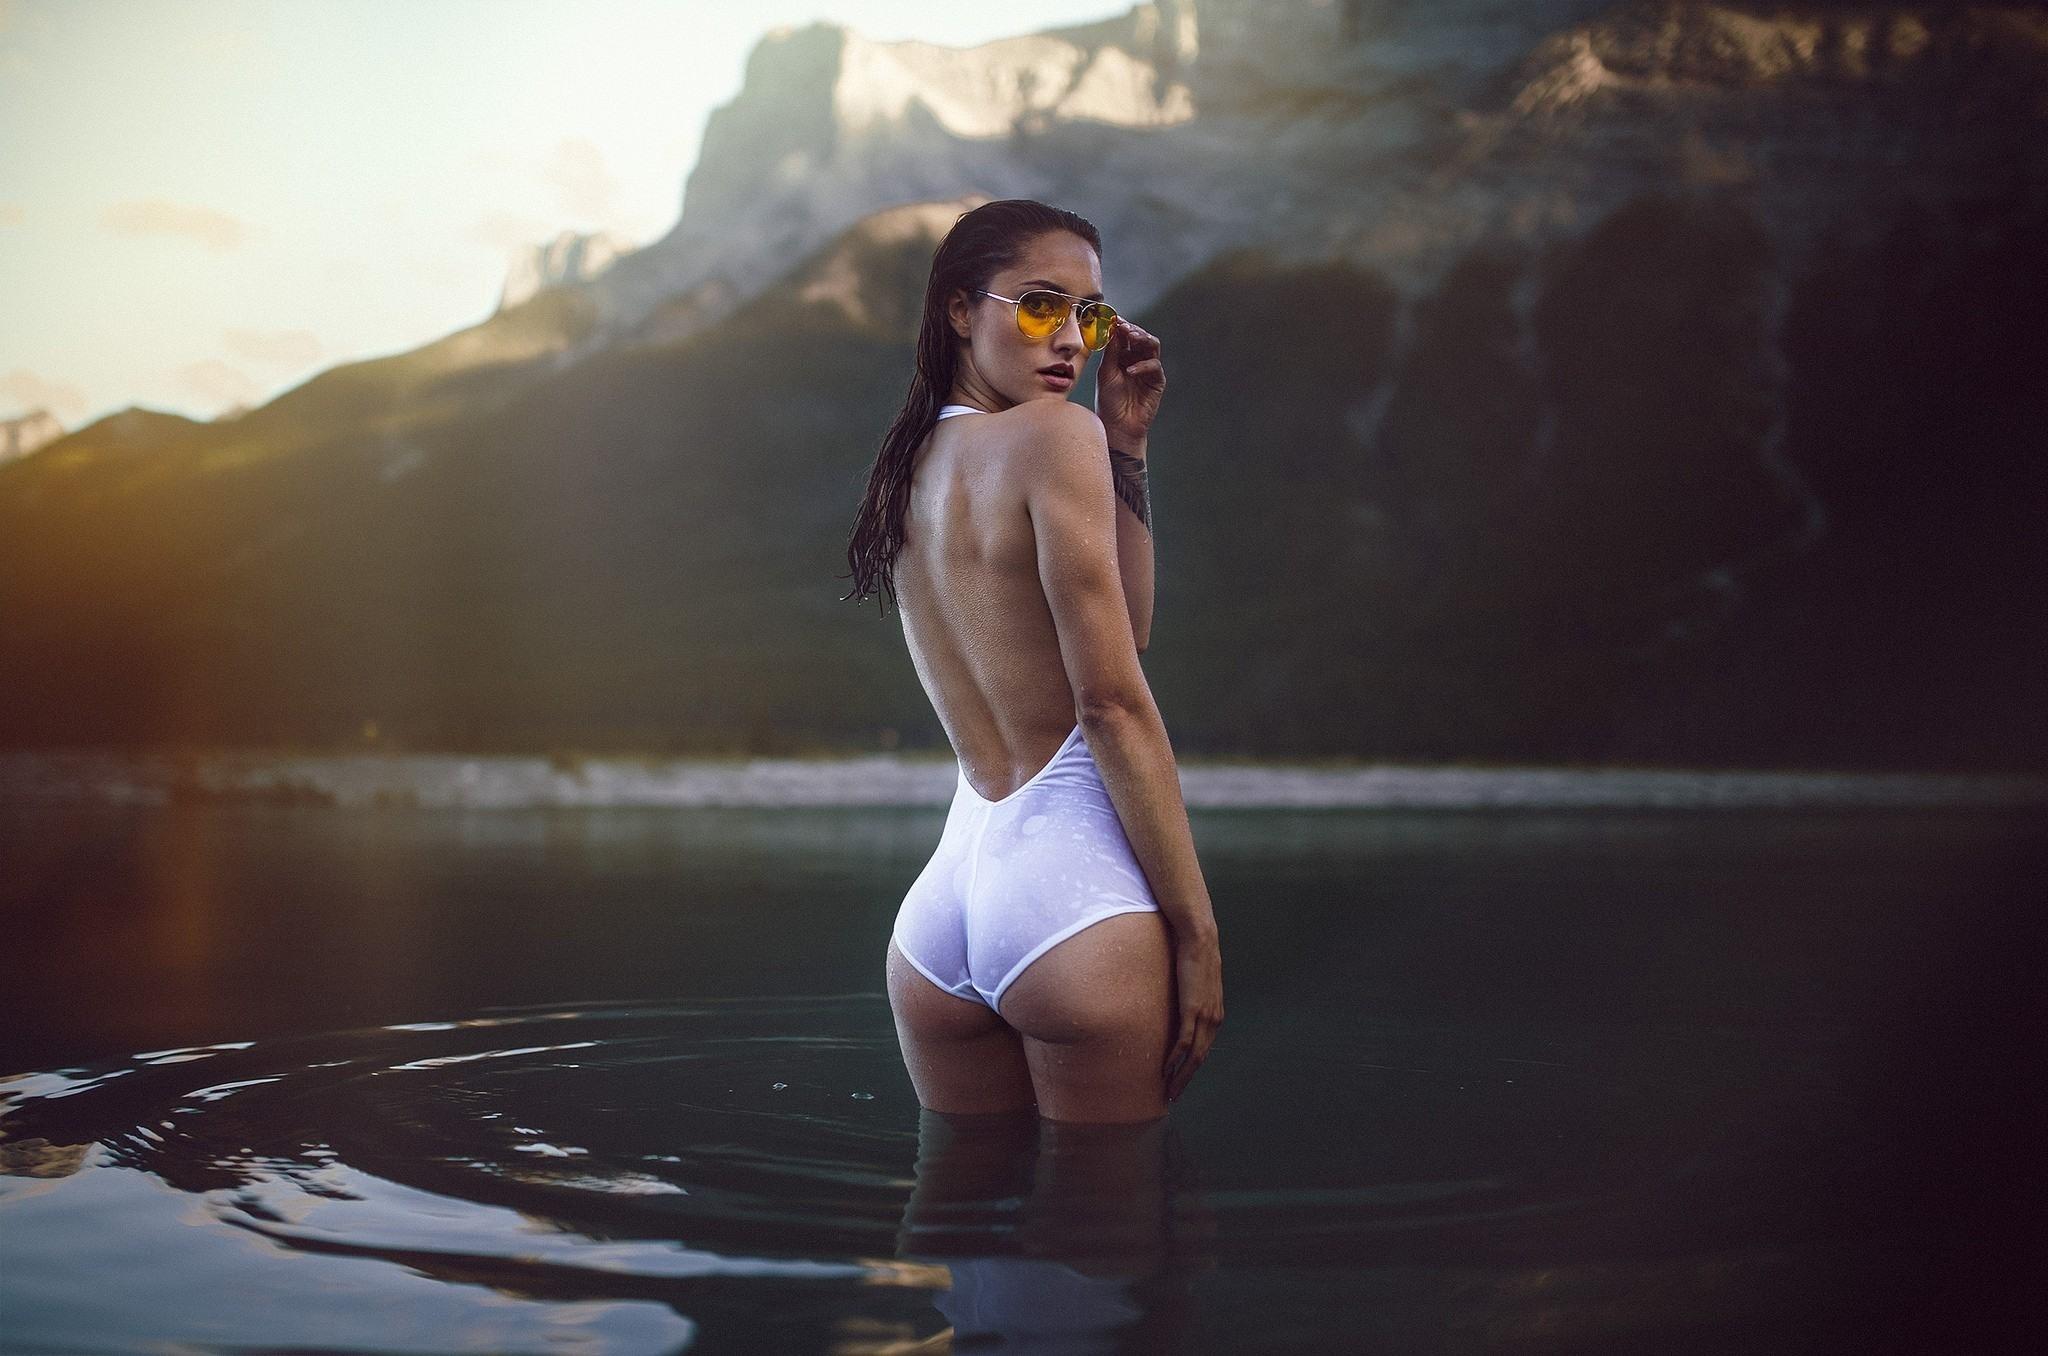 Фото Девушка в белом купальнике, озеро, по полено в воде, мокрая попка, очки, гора, скачать картинку бесплатно